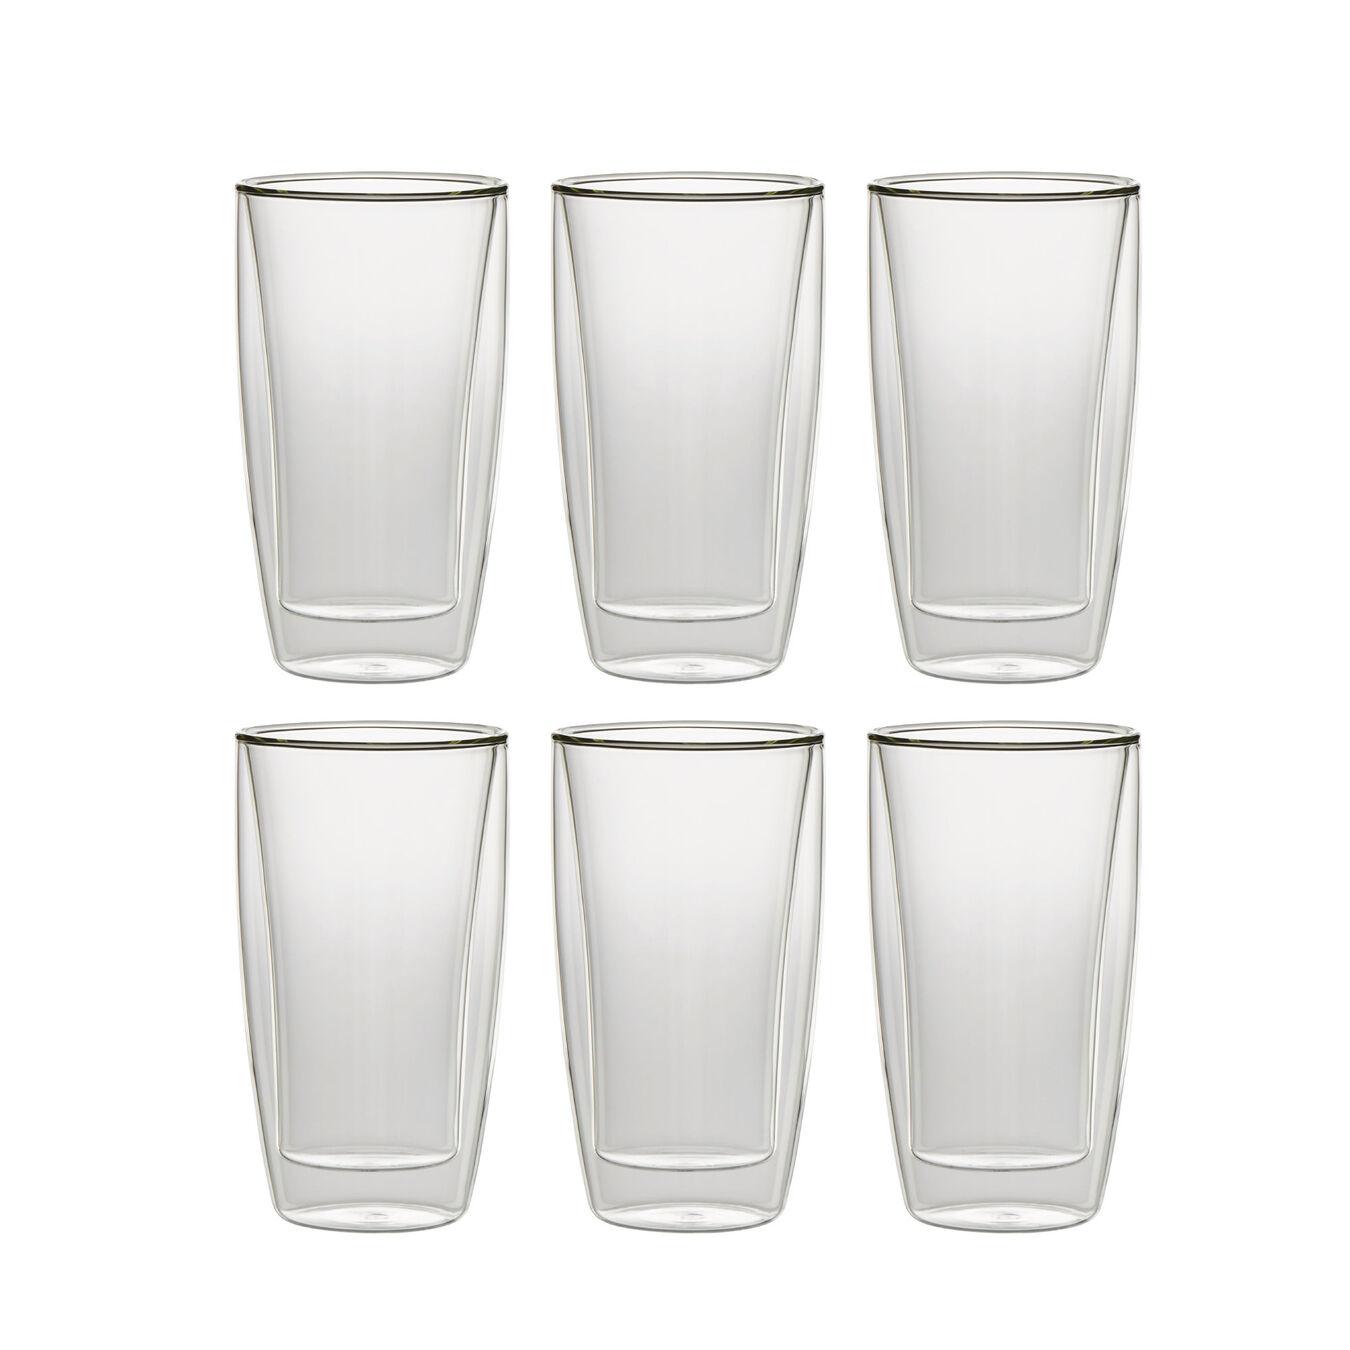 6-pcs Service de verres à macchiato latte,,large 1